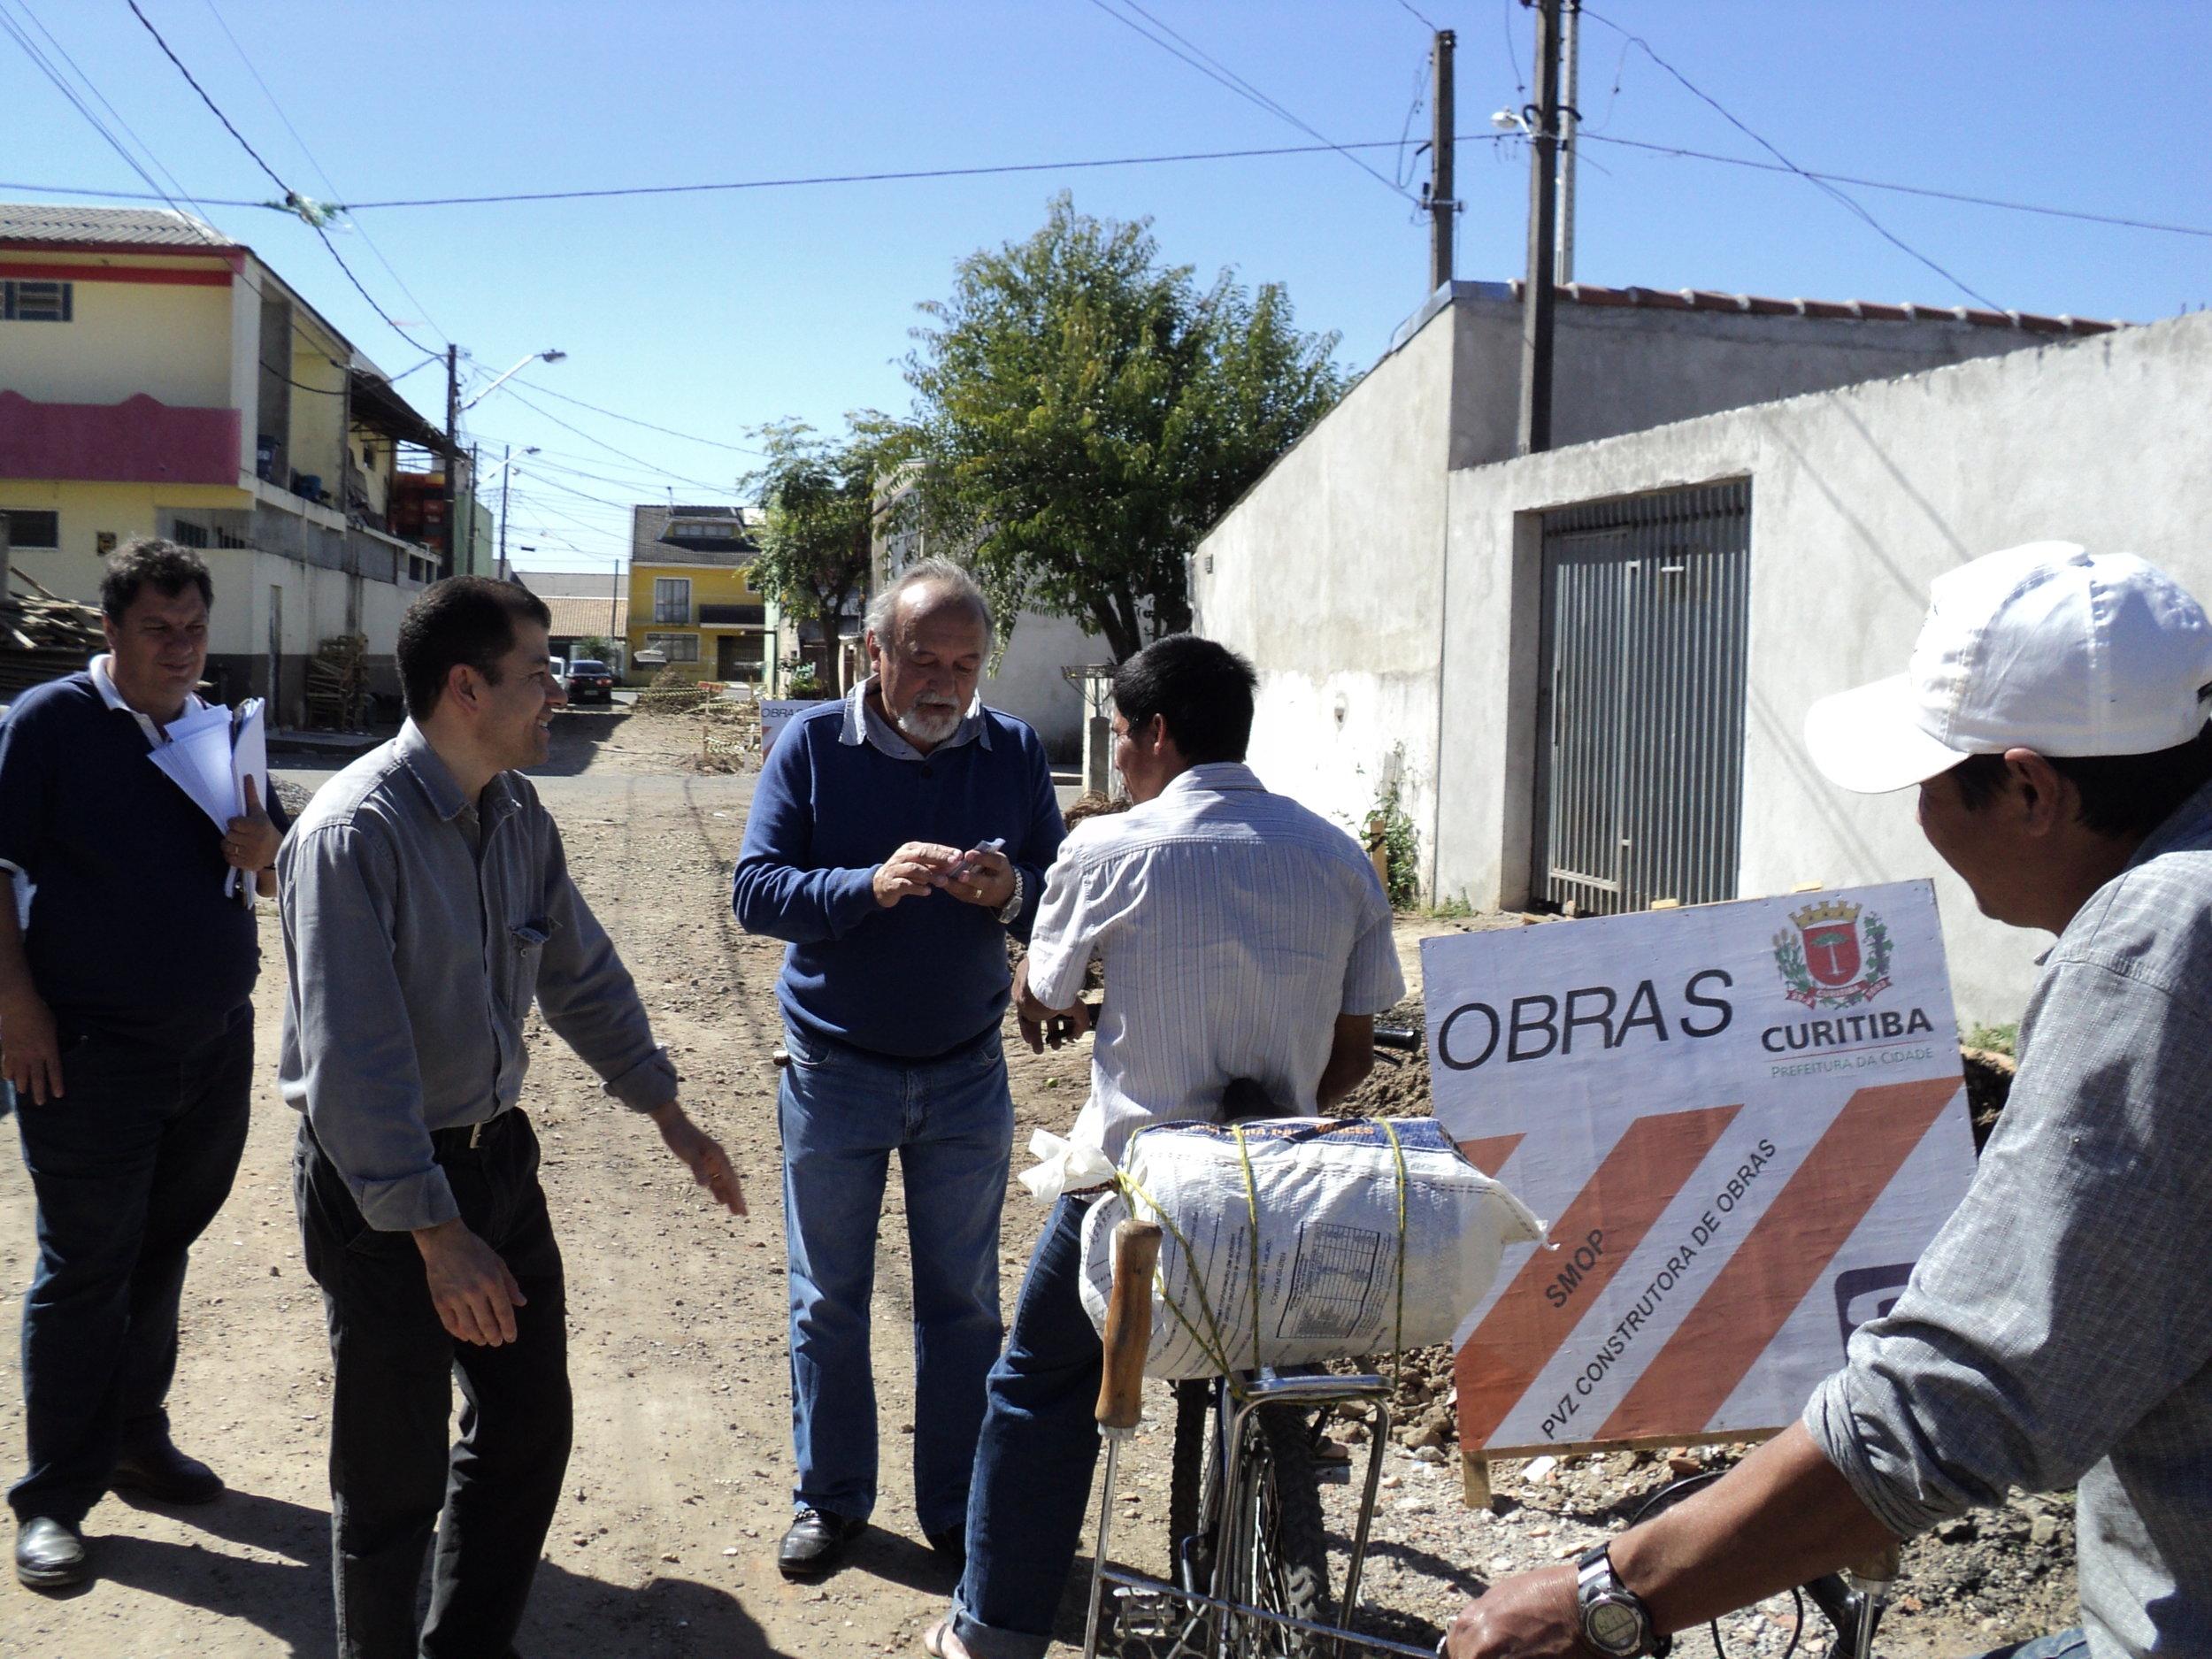 Tranquilo Saragiotto visita moradores (6).JPG